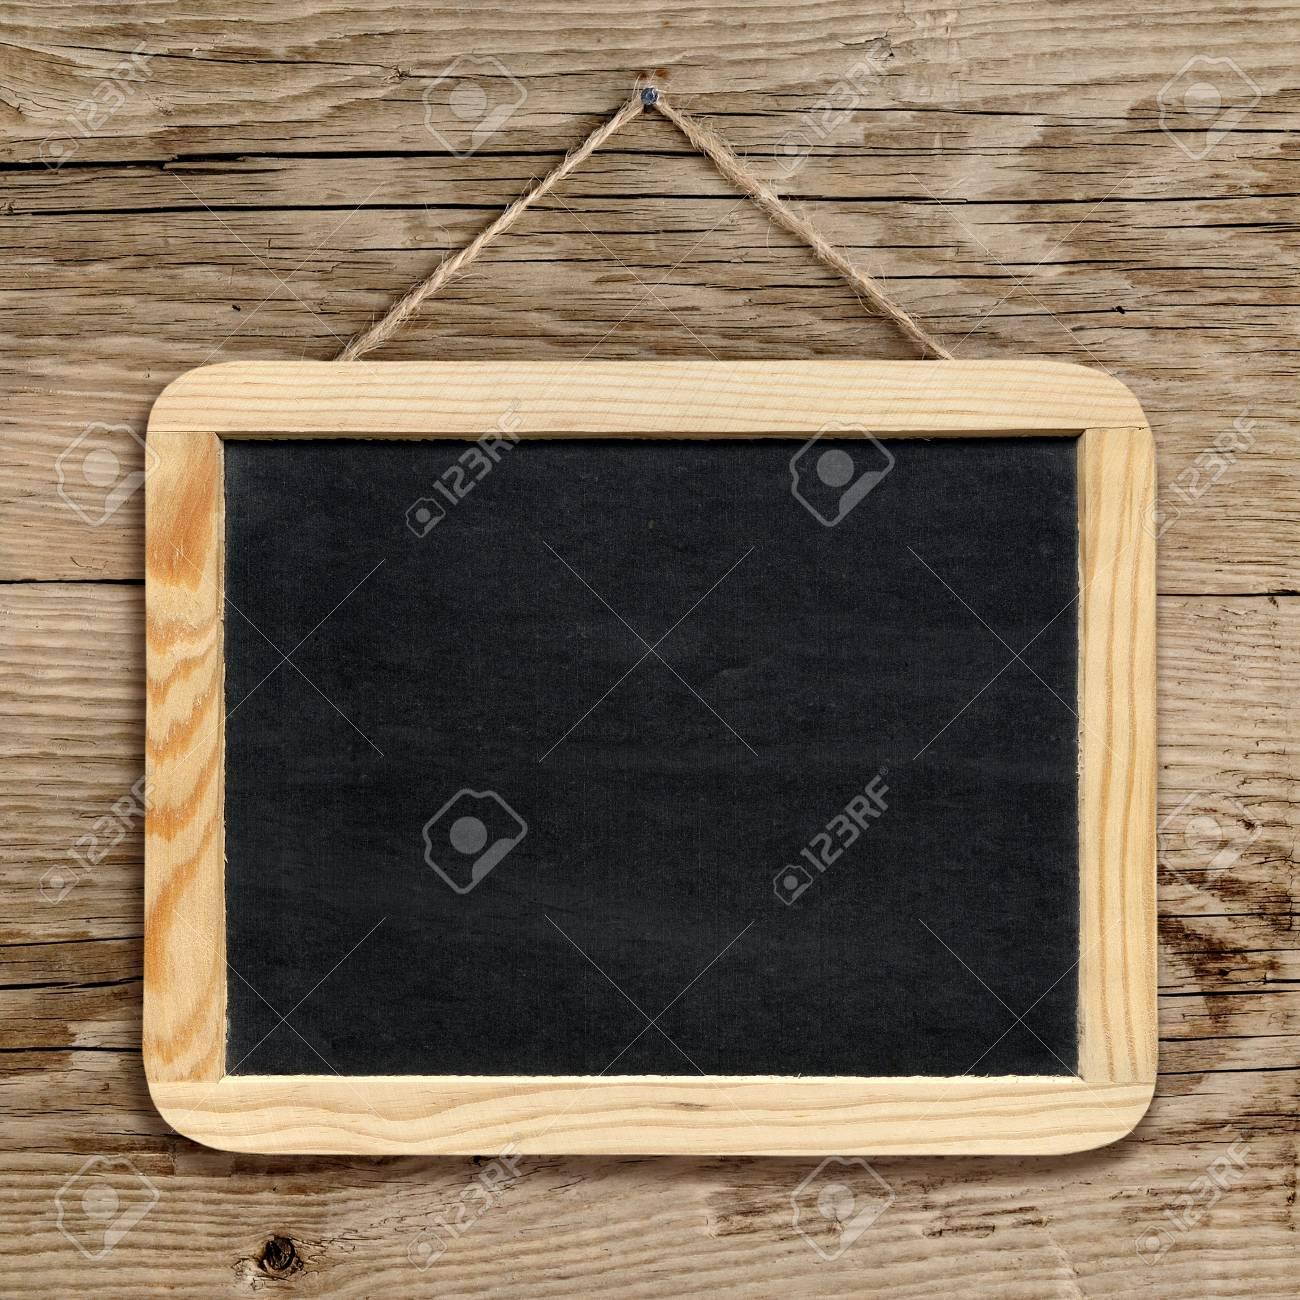 para decoraci/ón de Pared de despensa de Cocina letreros de Boda X-DAAO Pizarra Colgante de Madera con Mensaje sin Marco